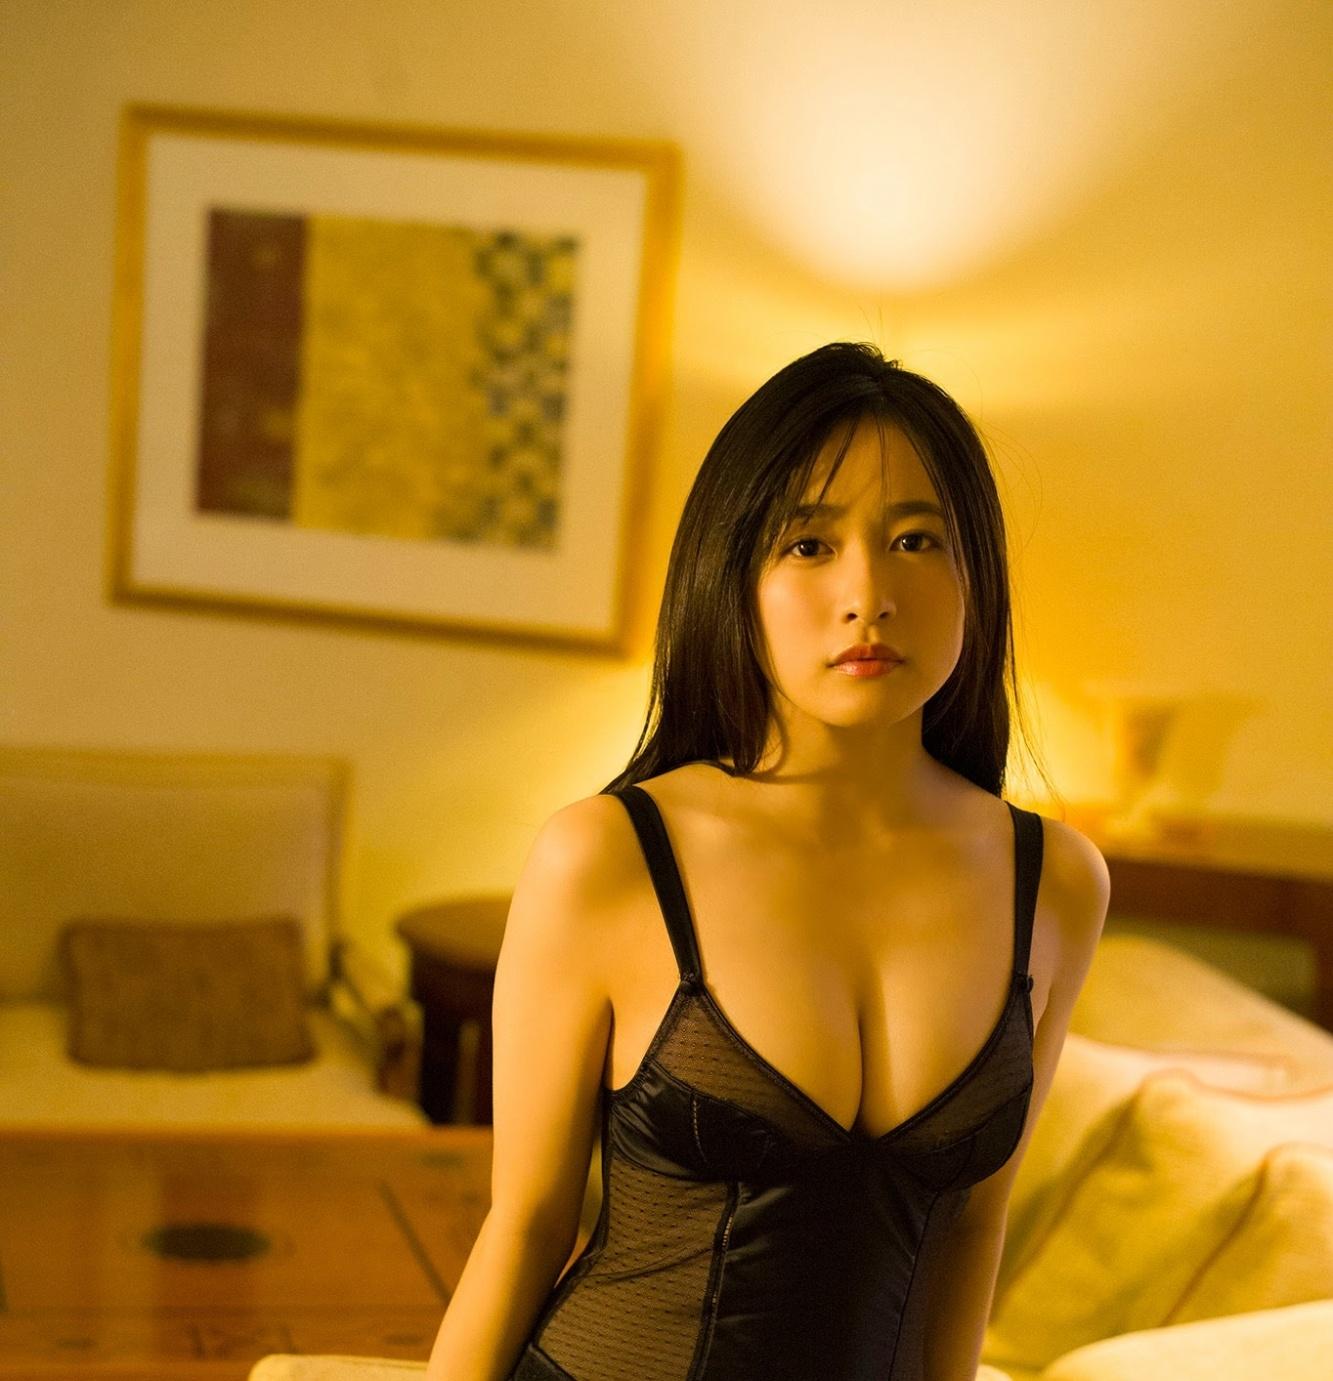 单眼皮萌妹子「早川渚纱」,摇滚偶像组合「Pimm's」的女神级成员